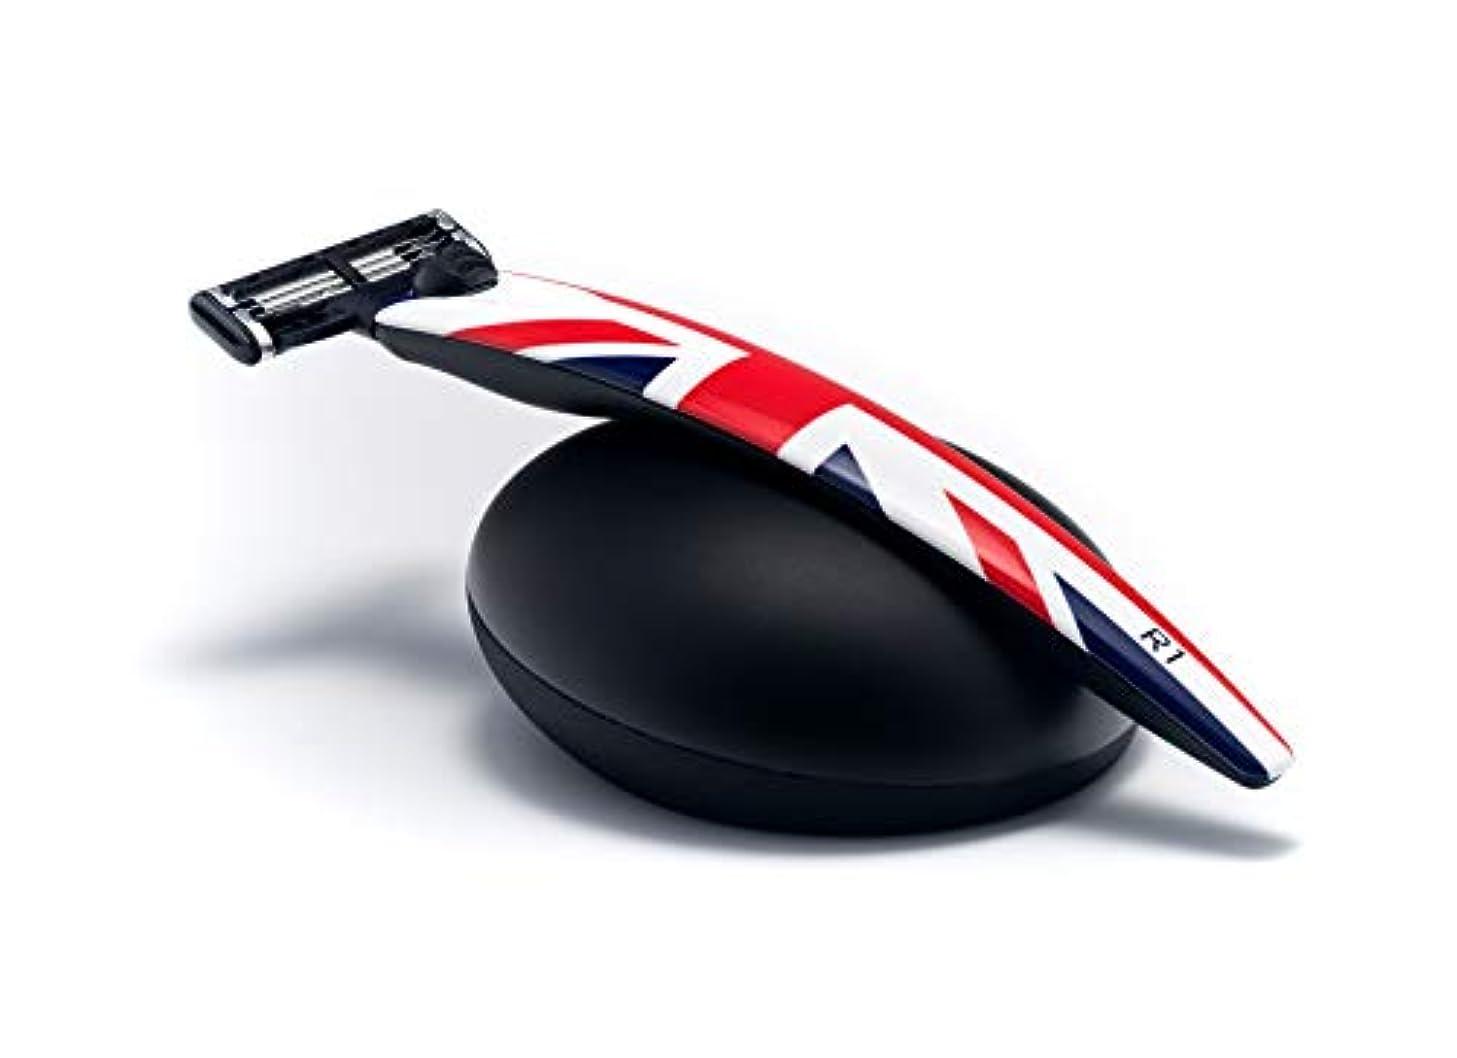 典型的な邪魔する子供っぽいイギリス BolinWebb カミソリ 名車と同じ塗装を施した プレミアムシェーバー R1 Jack ギフトセット モデル 替刃はジレット 3枚刃 マッハ3 に対応